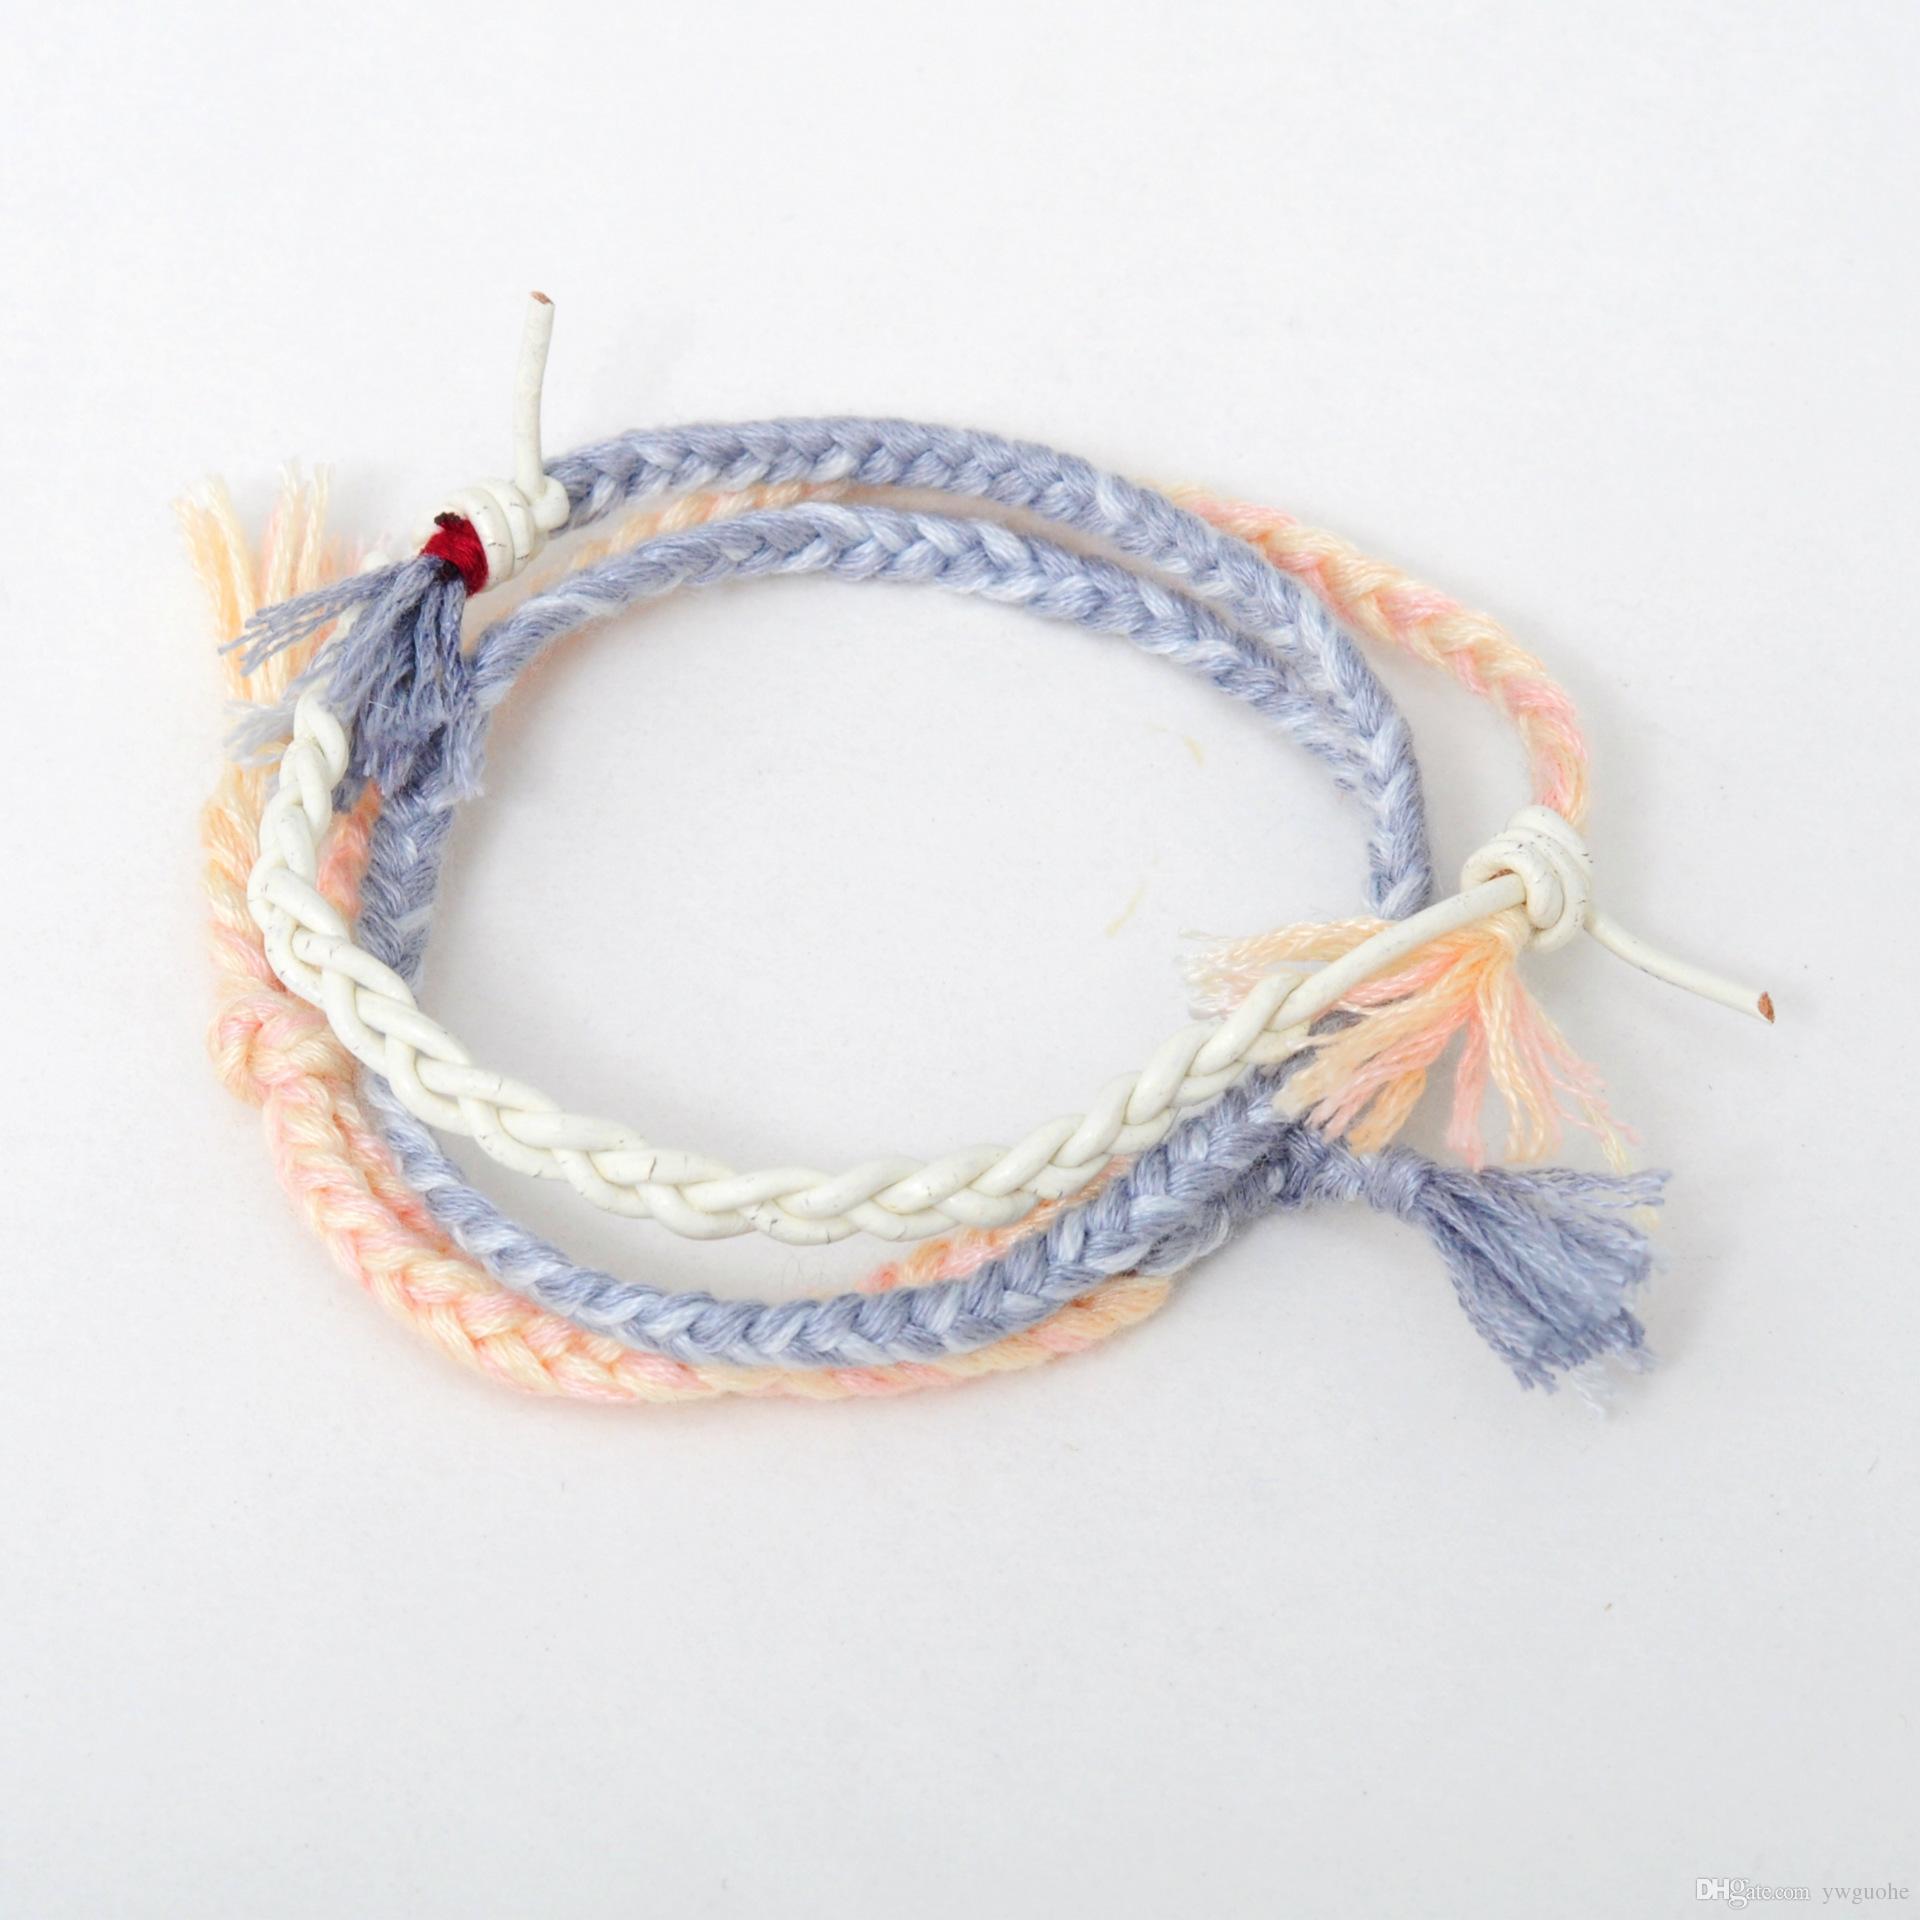 인기 유니섹스 매력 팔찌 간단한 멀티 컬러 커플 팔찌 한 묶음 핸드 메이드 팔찌 무료 배송